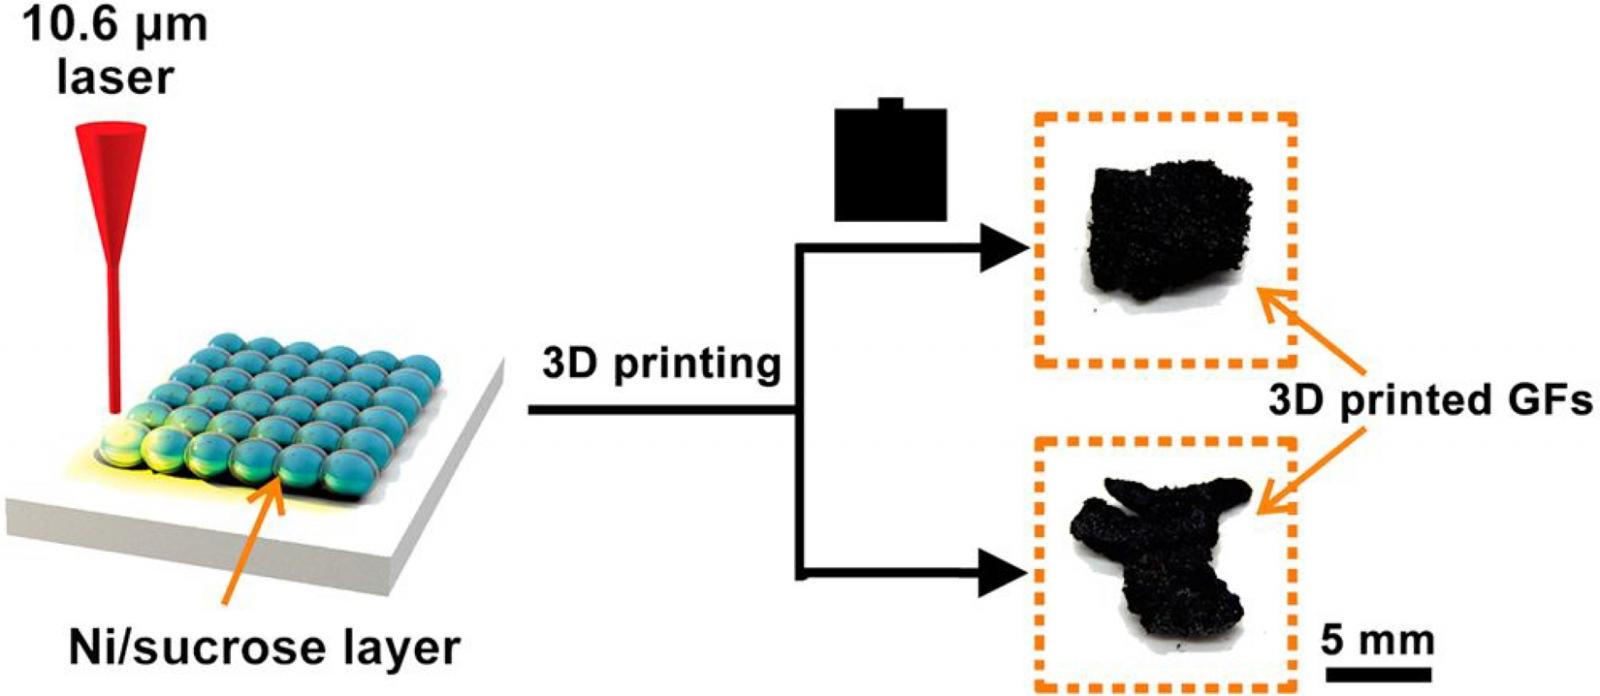 3D printed graphene foam breakthrough